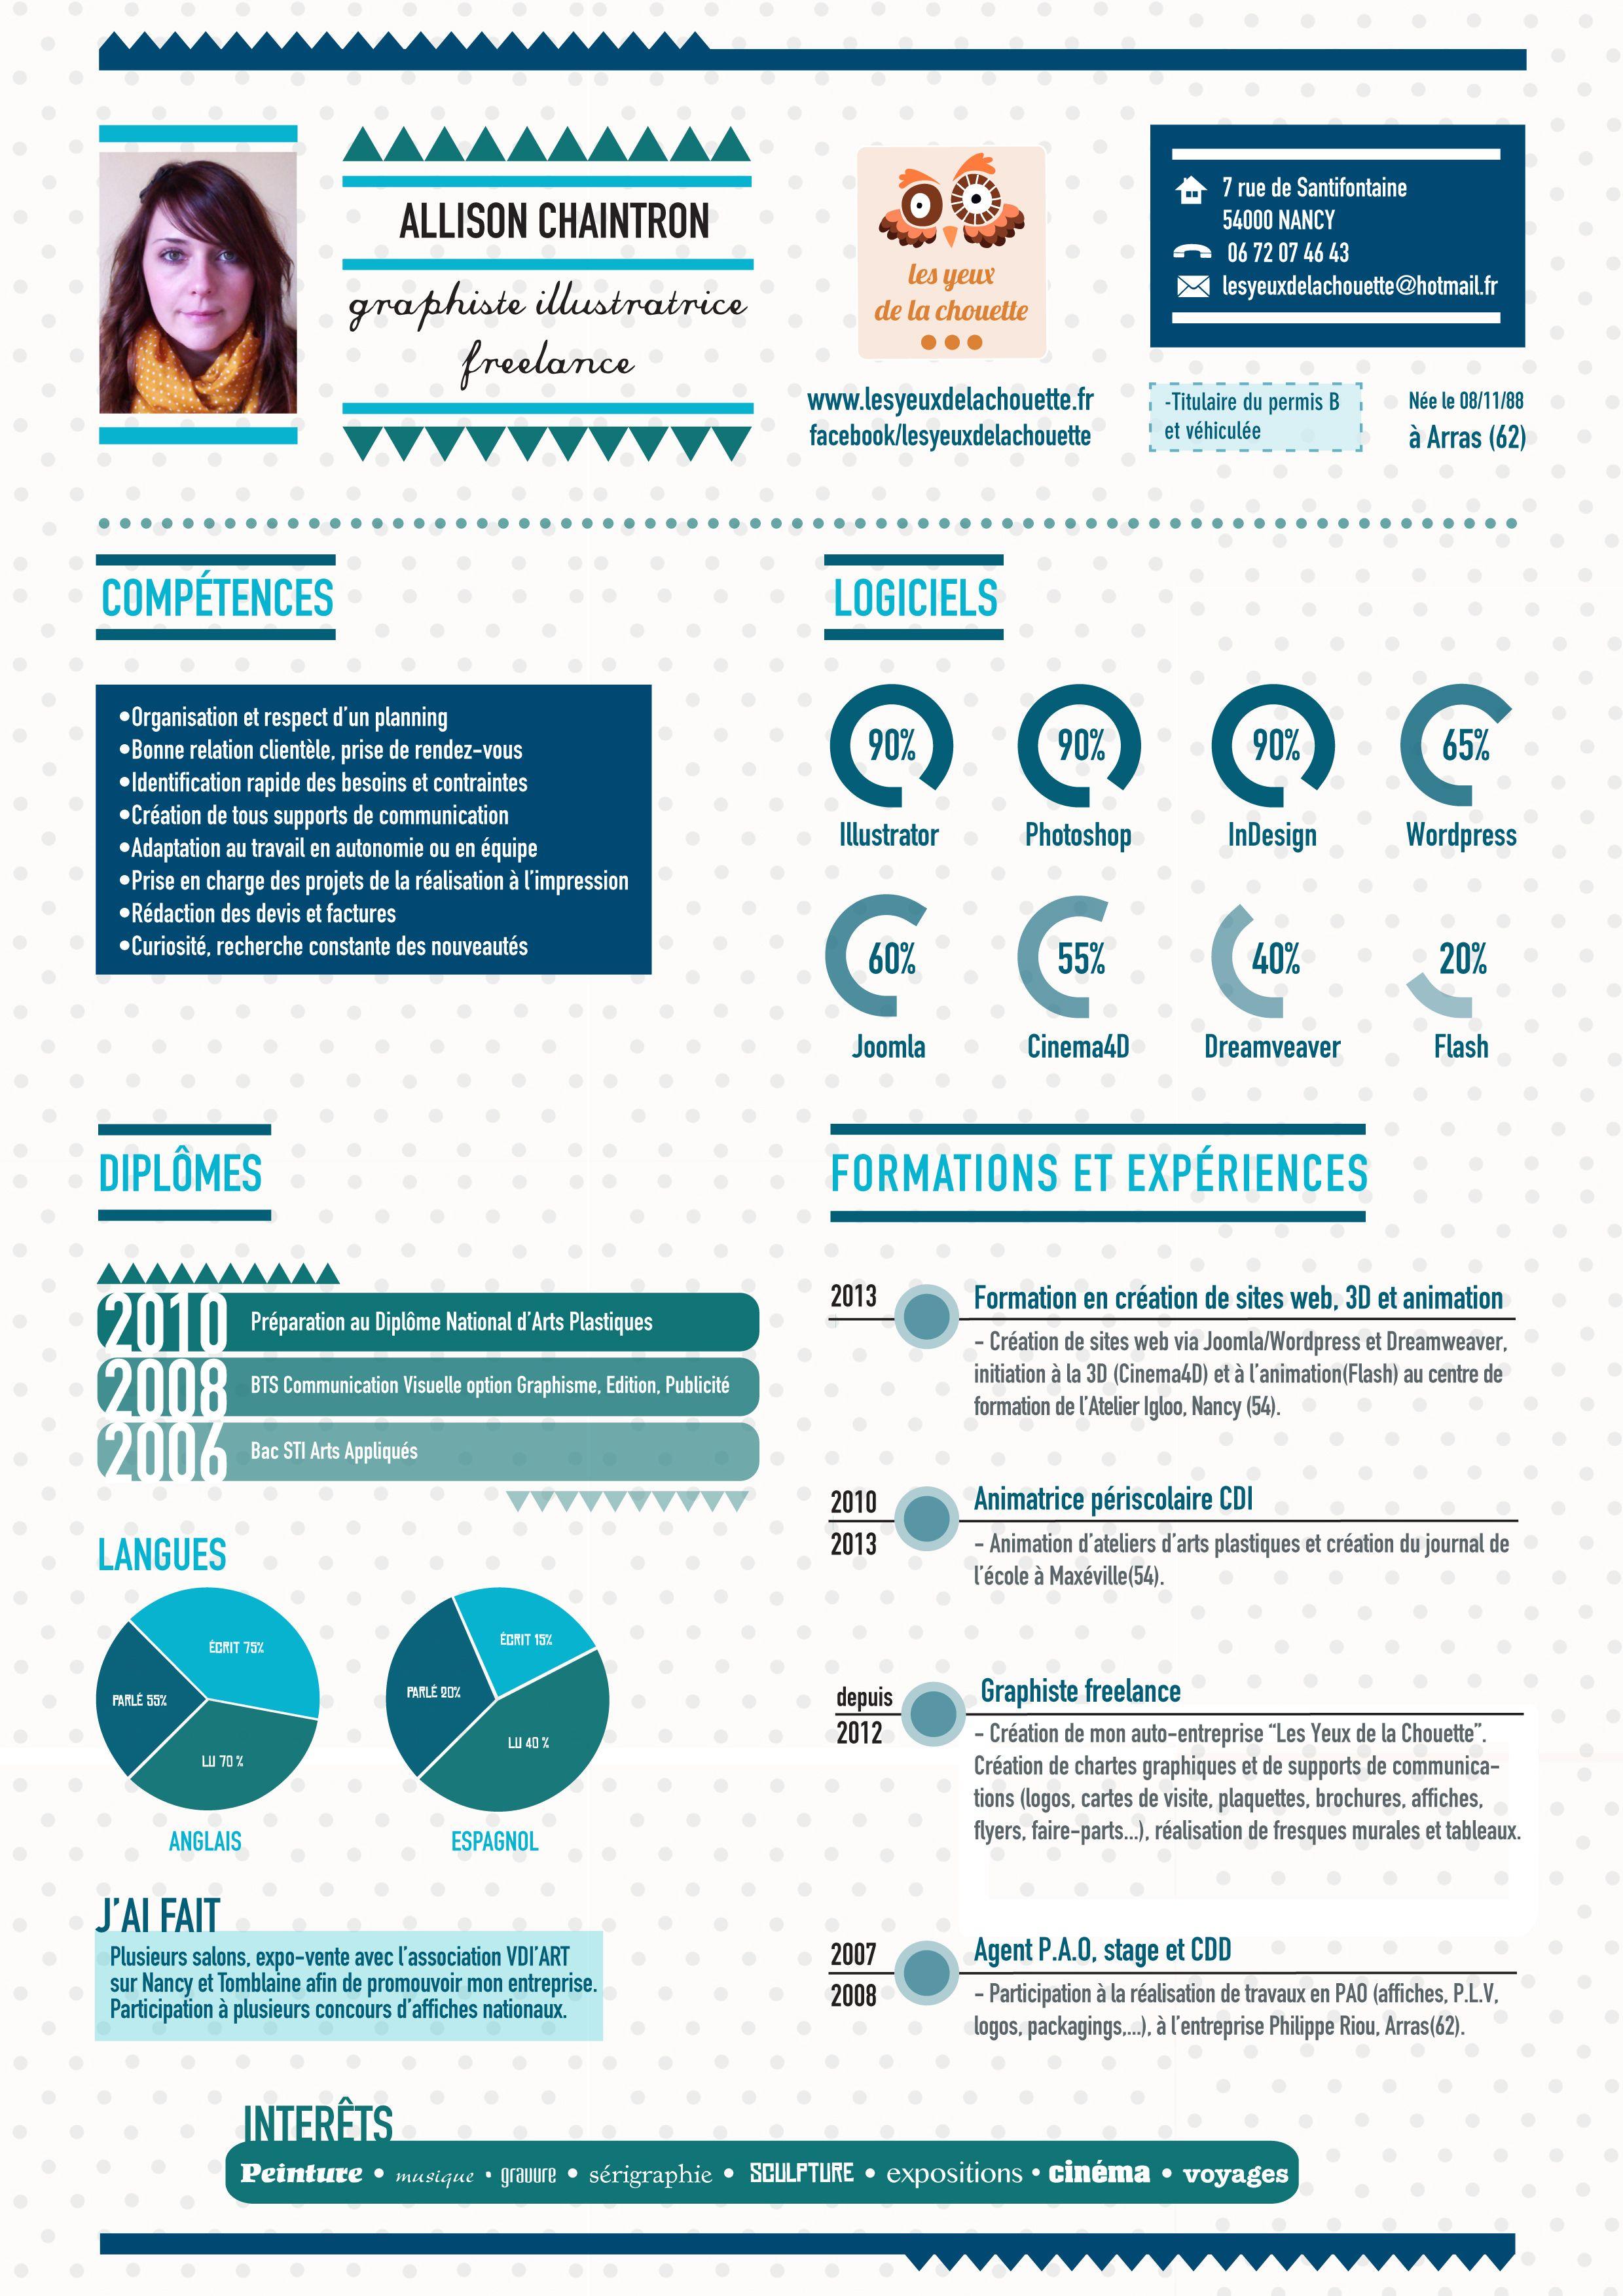 CV-freelance.jpg (2479×3508) | CV Freelance 1 | Pinterest